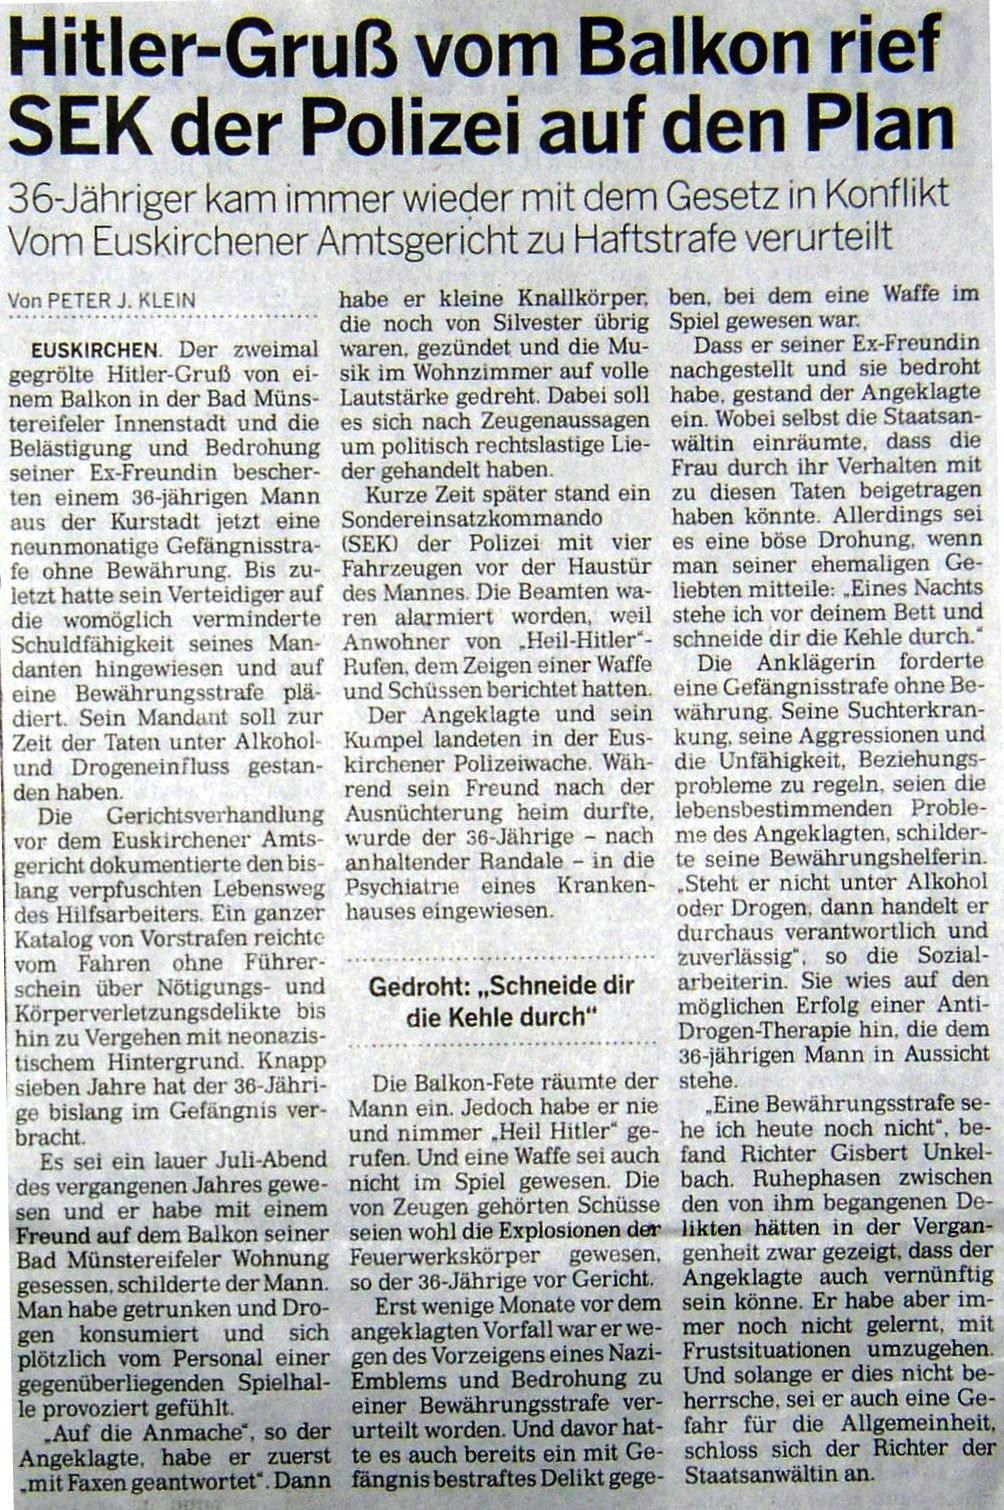 Hitler-Gru� vom Balkon rief SEK der Polizei auf den Plan - Kölnisch Rundschau 12.2.2011